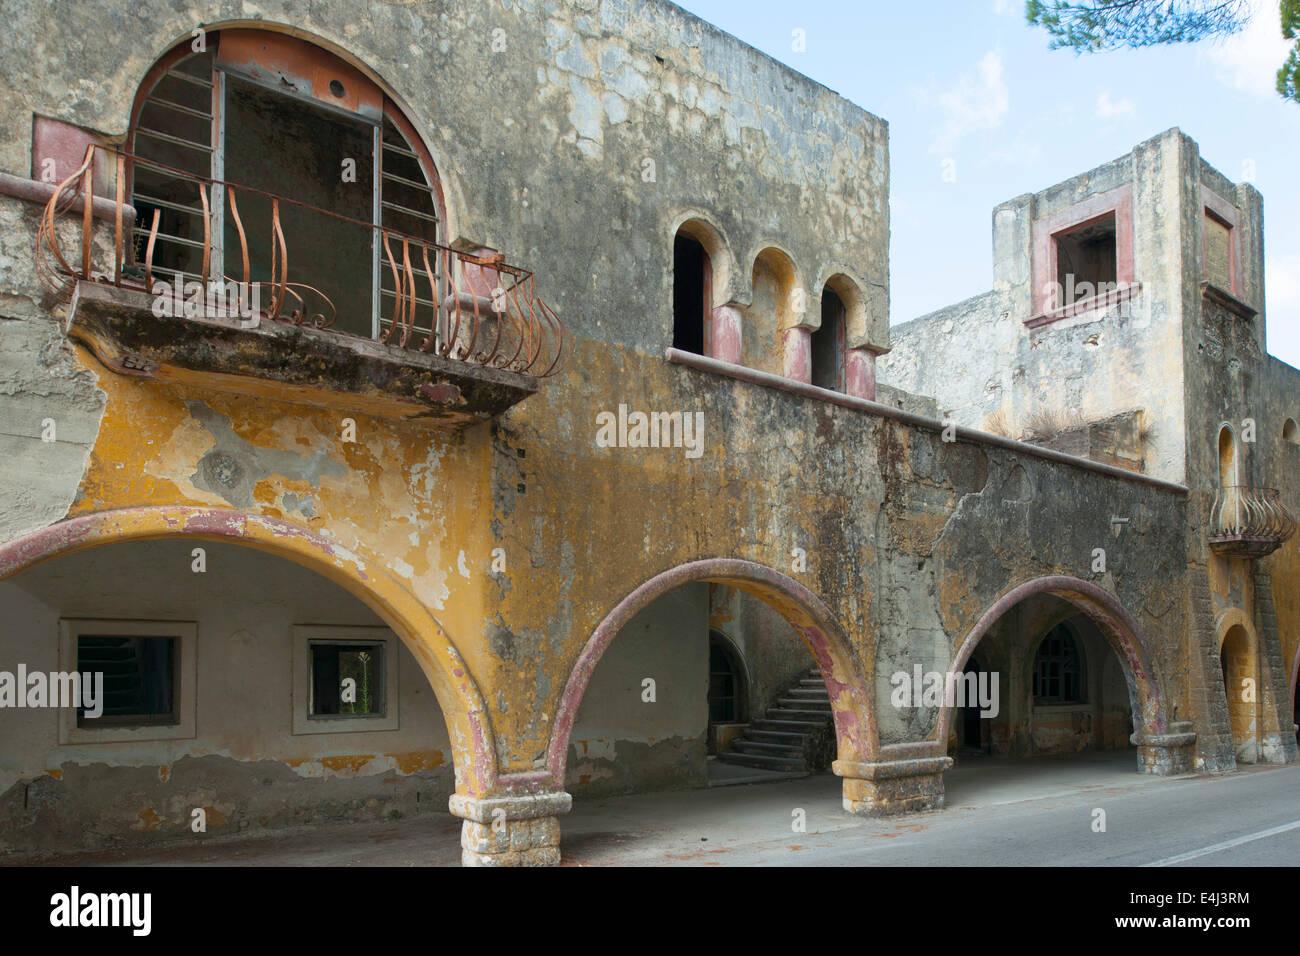 Griechenland, Rhodos, Eleoussa, Italienische Kolonialhäuser   Stock Image